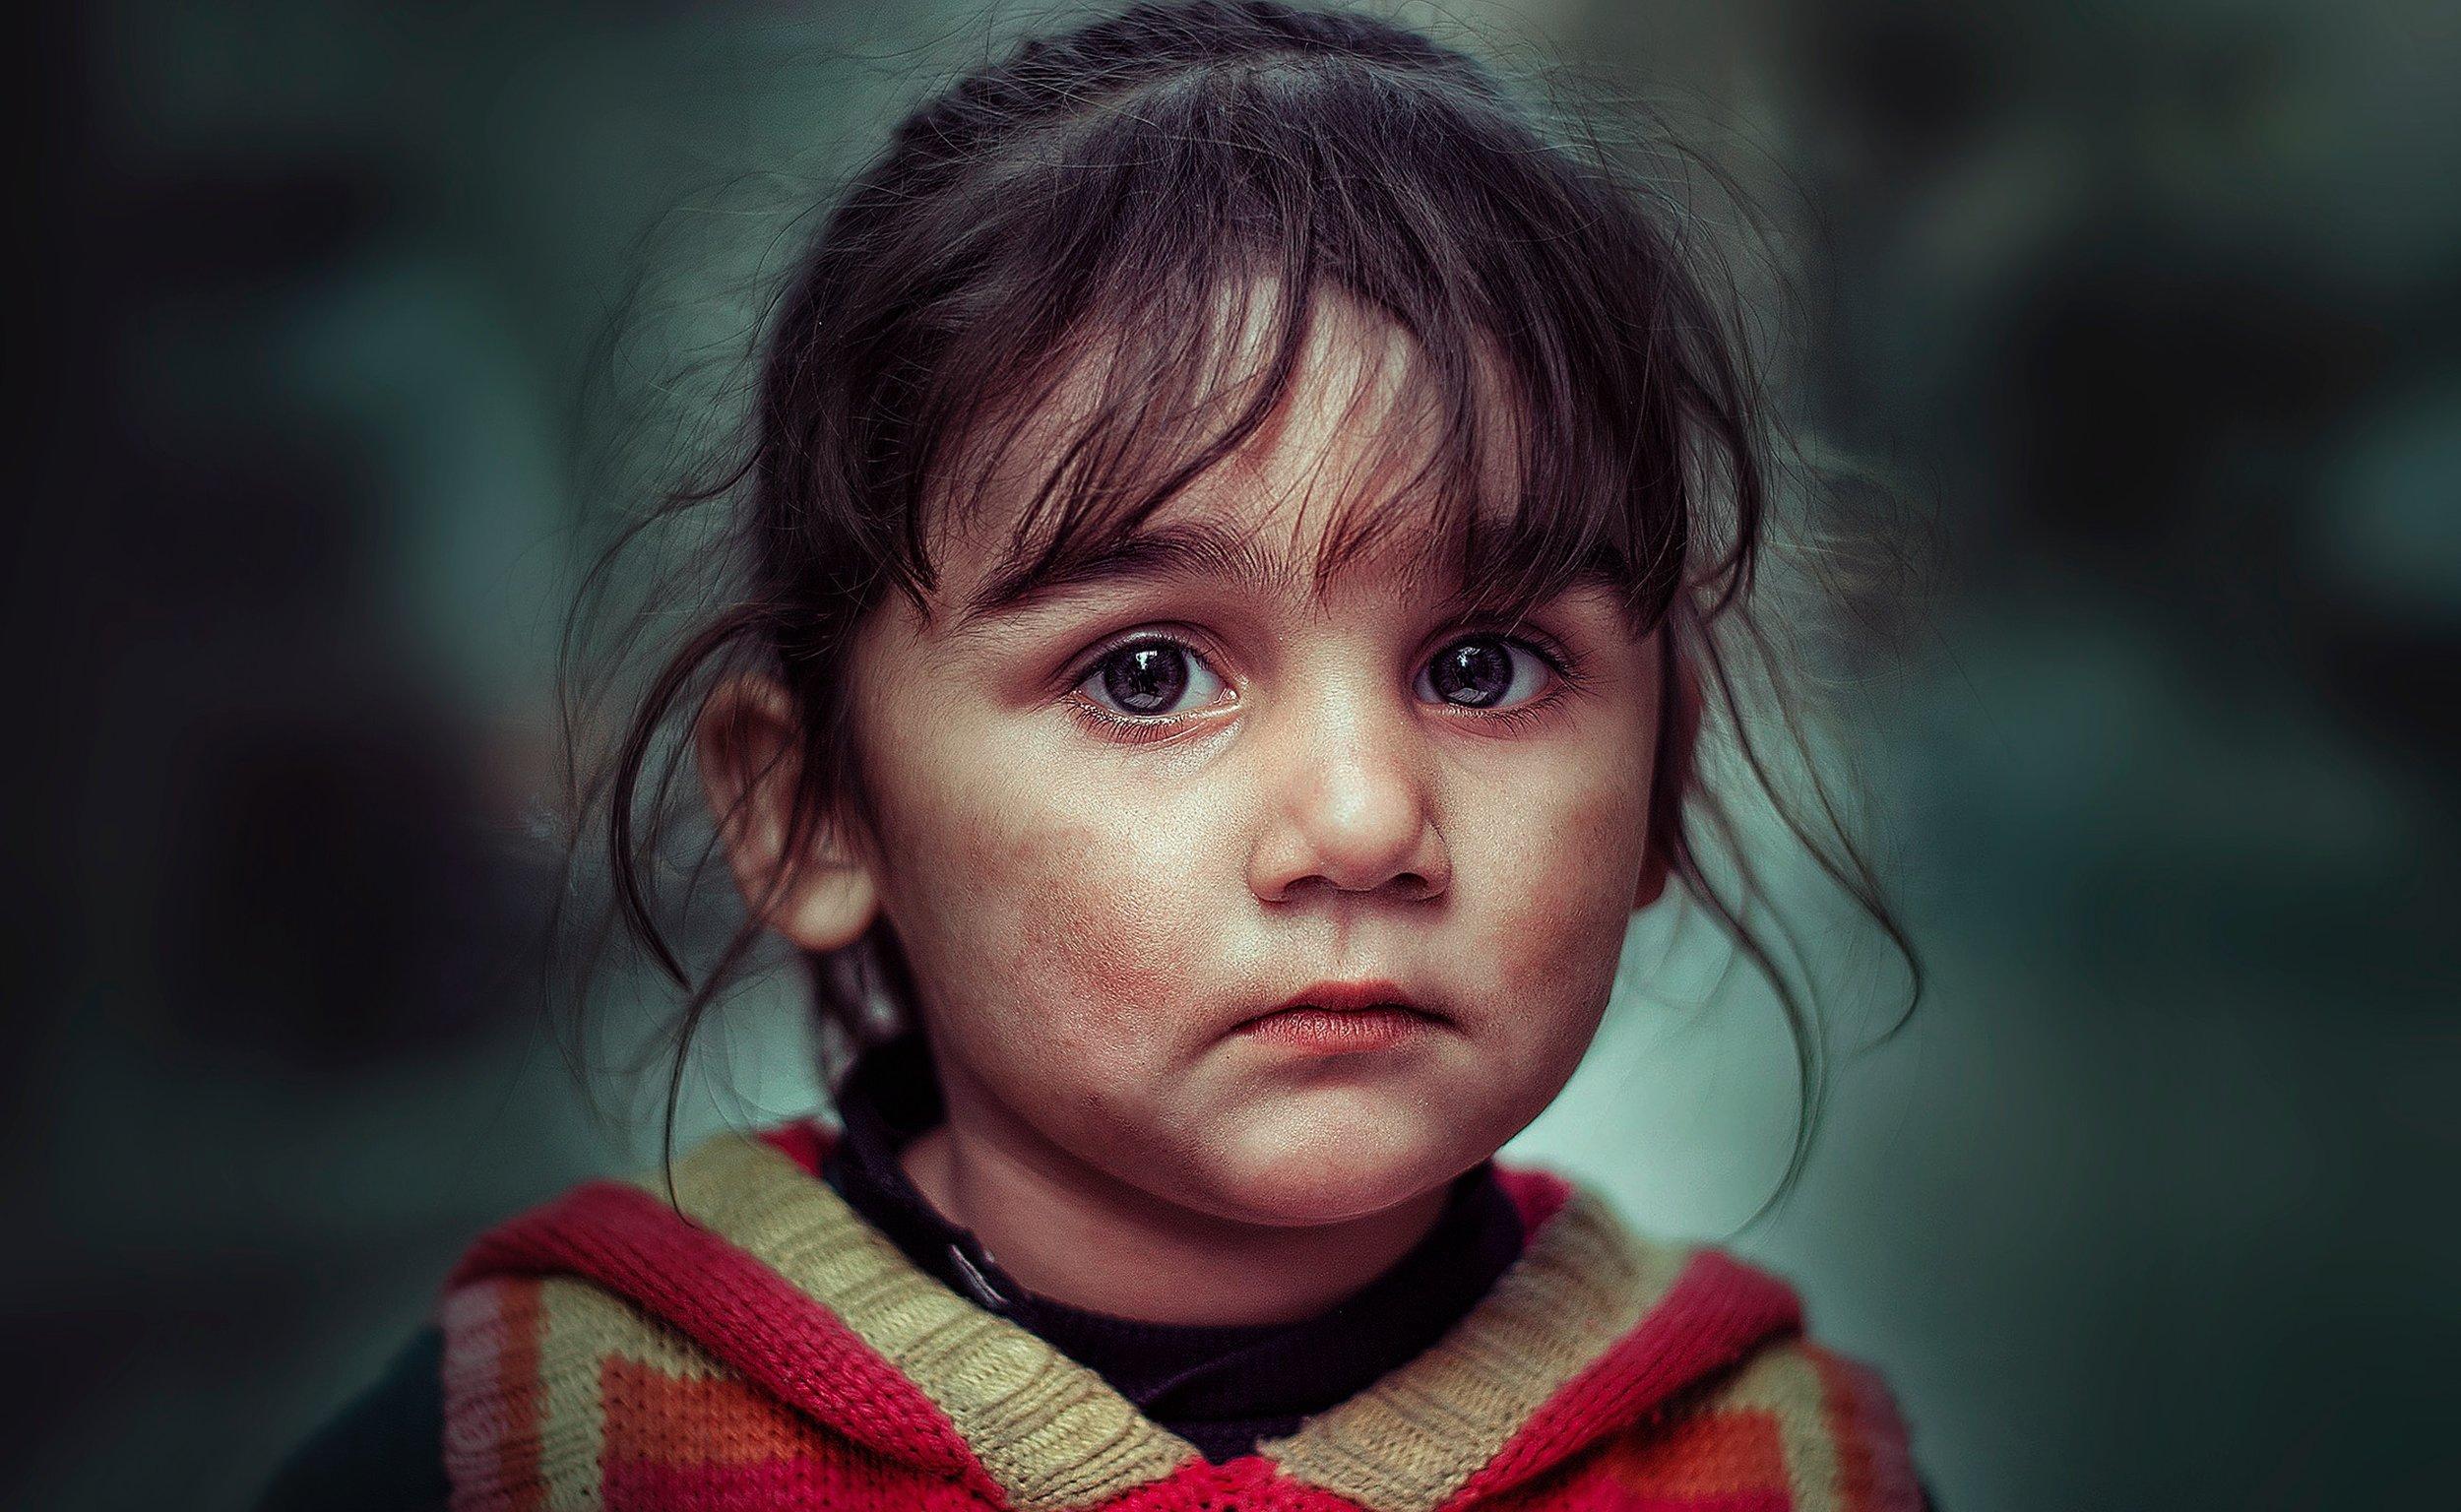 qasim-sadiq-576310-unsplash.jpg